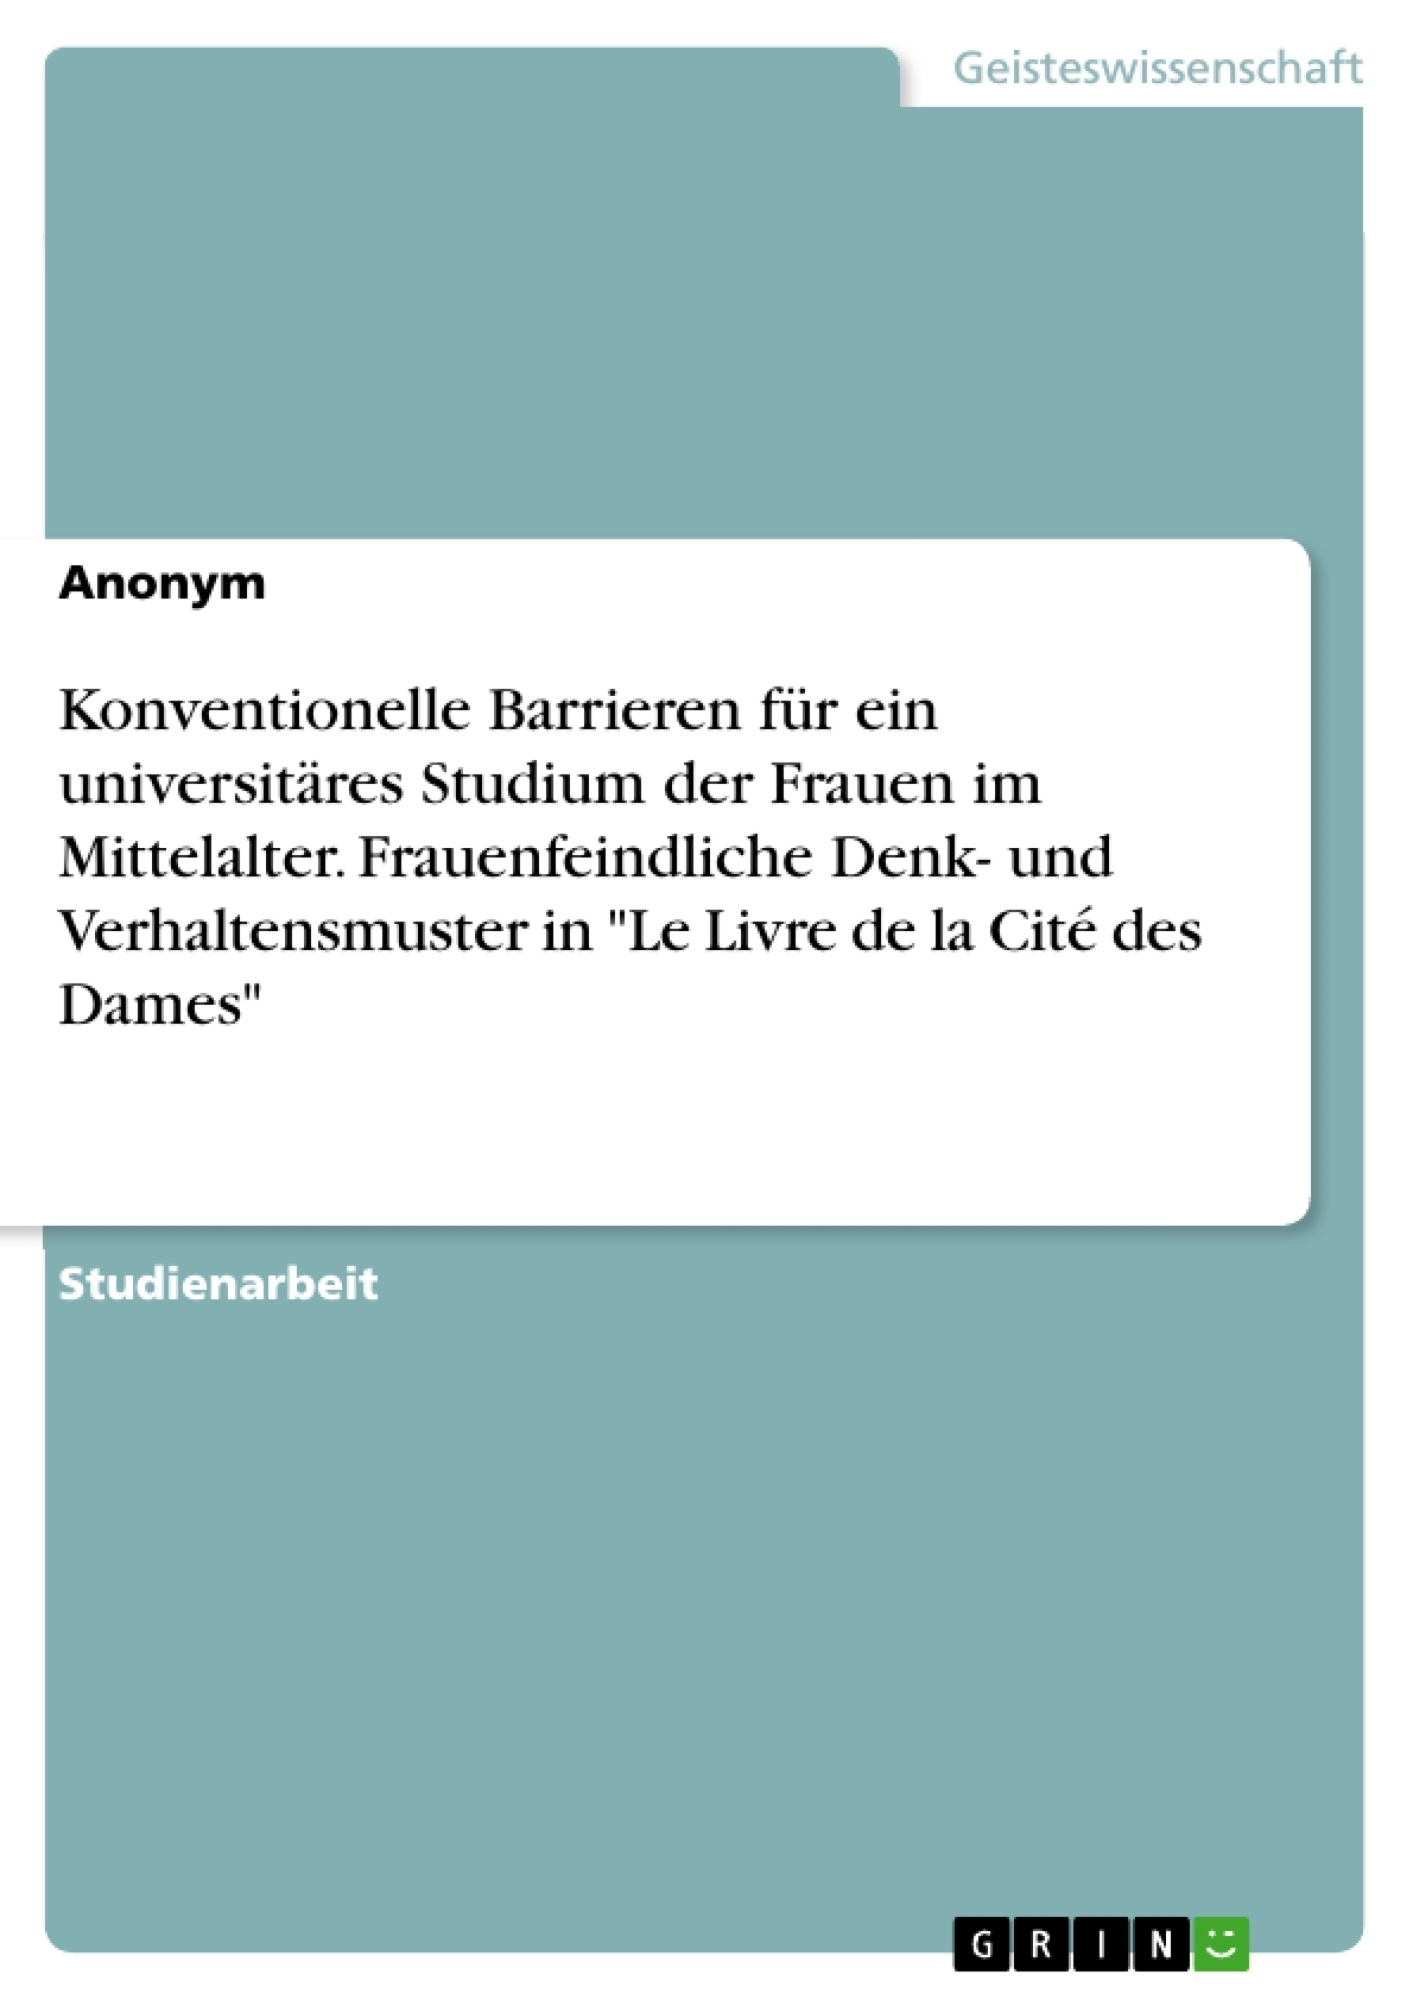 """Titel: Konventionelle Barrieren für ein universitäres Studium der Frauen im Mittelalter. Frauenfeindliche Denk- und Verhaltensmuster in """"Le Livre de la Cité des Dames"""""""